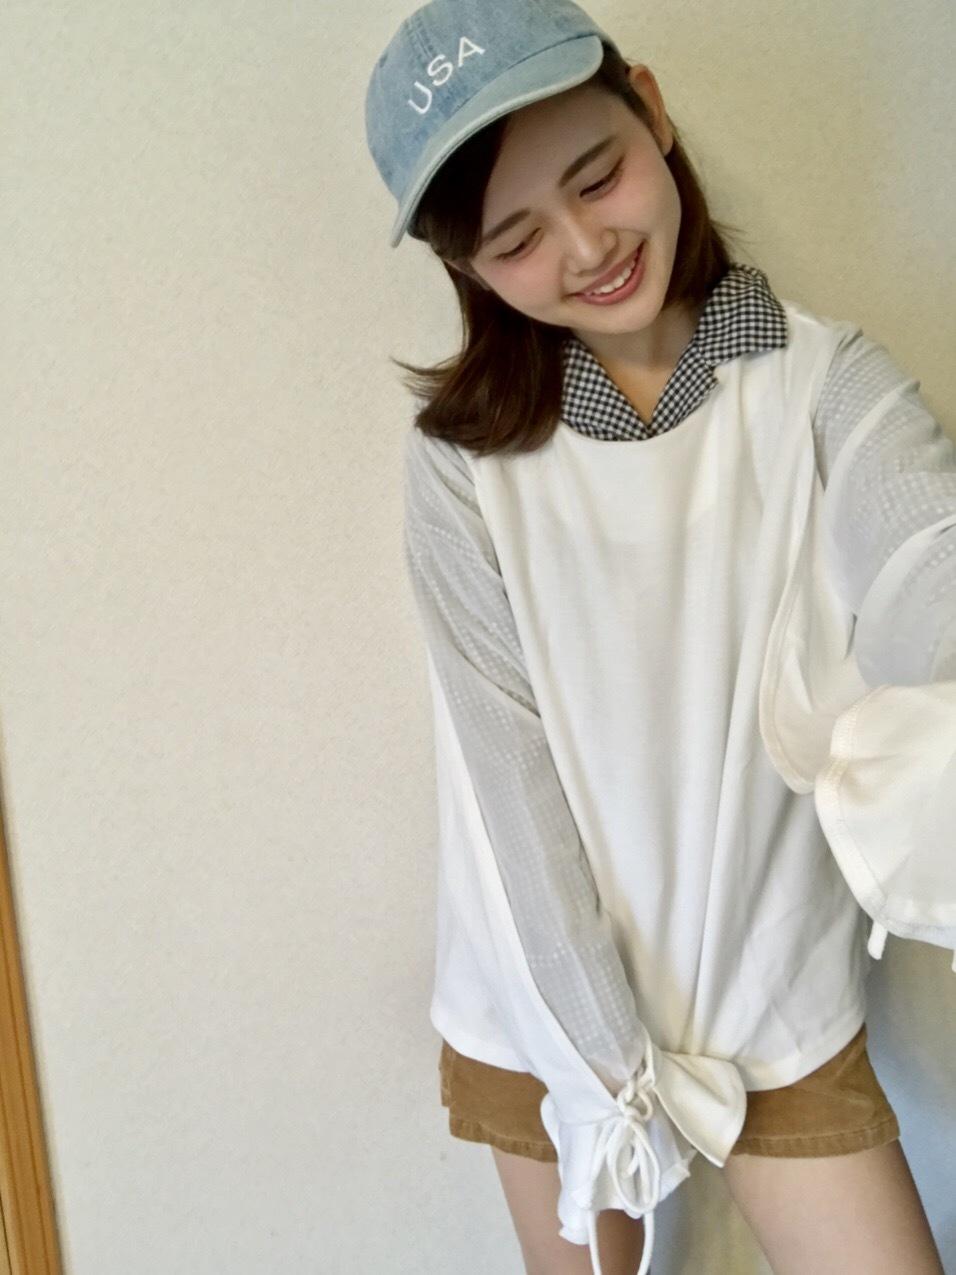 【この季節何着る?】ギンガムチェックの開襟シャツを着回し୧⃛(๑⃙⃘•ω•๑⃙⃘)୨⃛♪♪_1_4